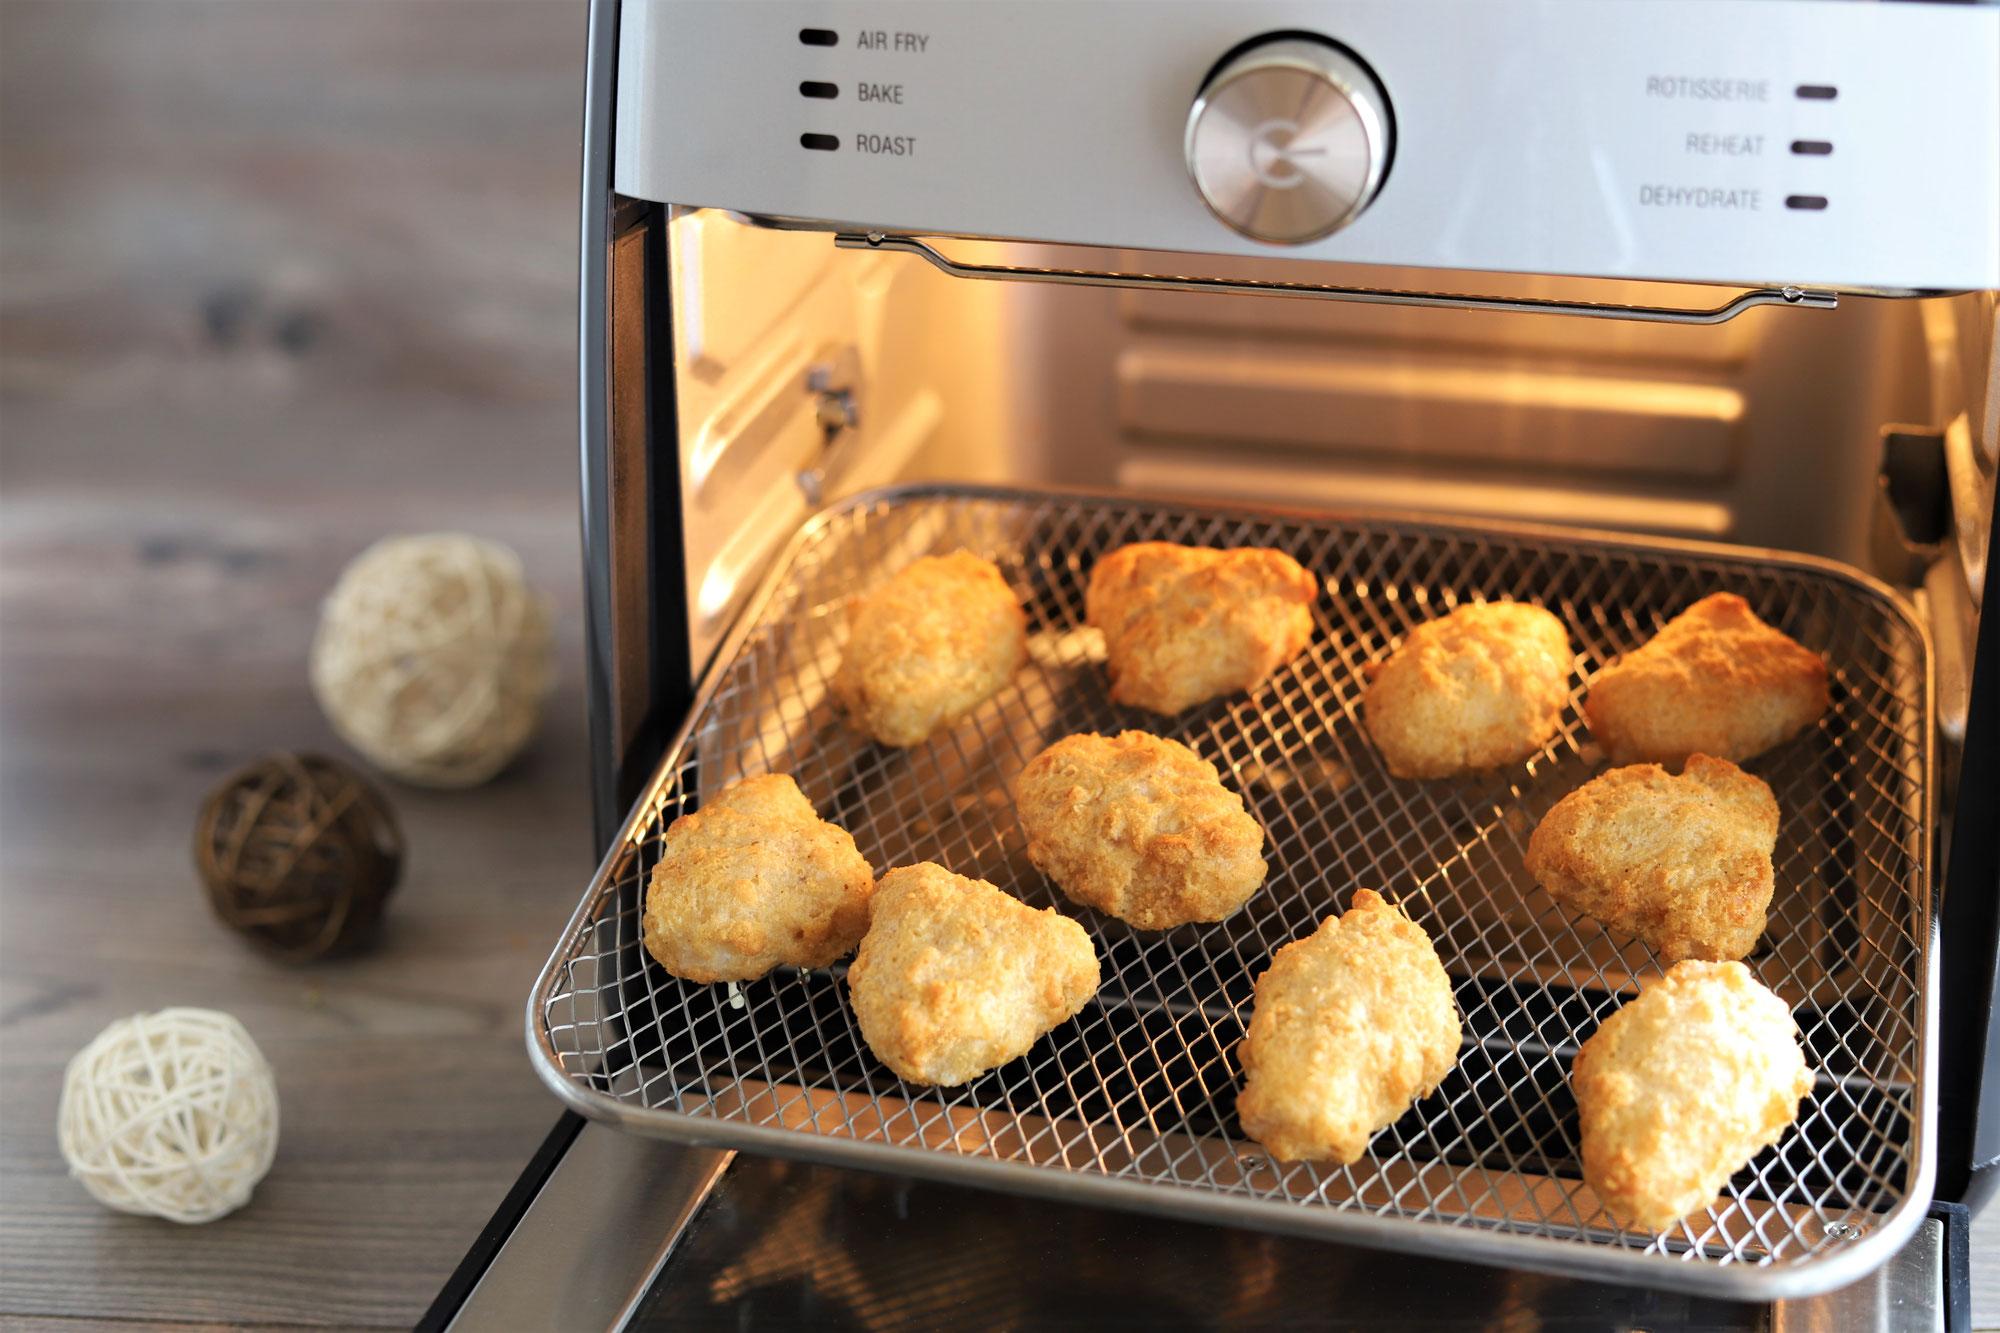 Fischstäbchen oder Backfisch-Happen im Deluxe Air Fryer von Pampered Chef®